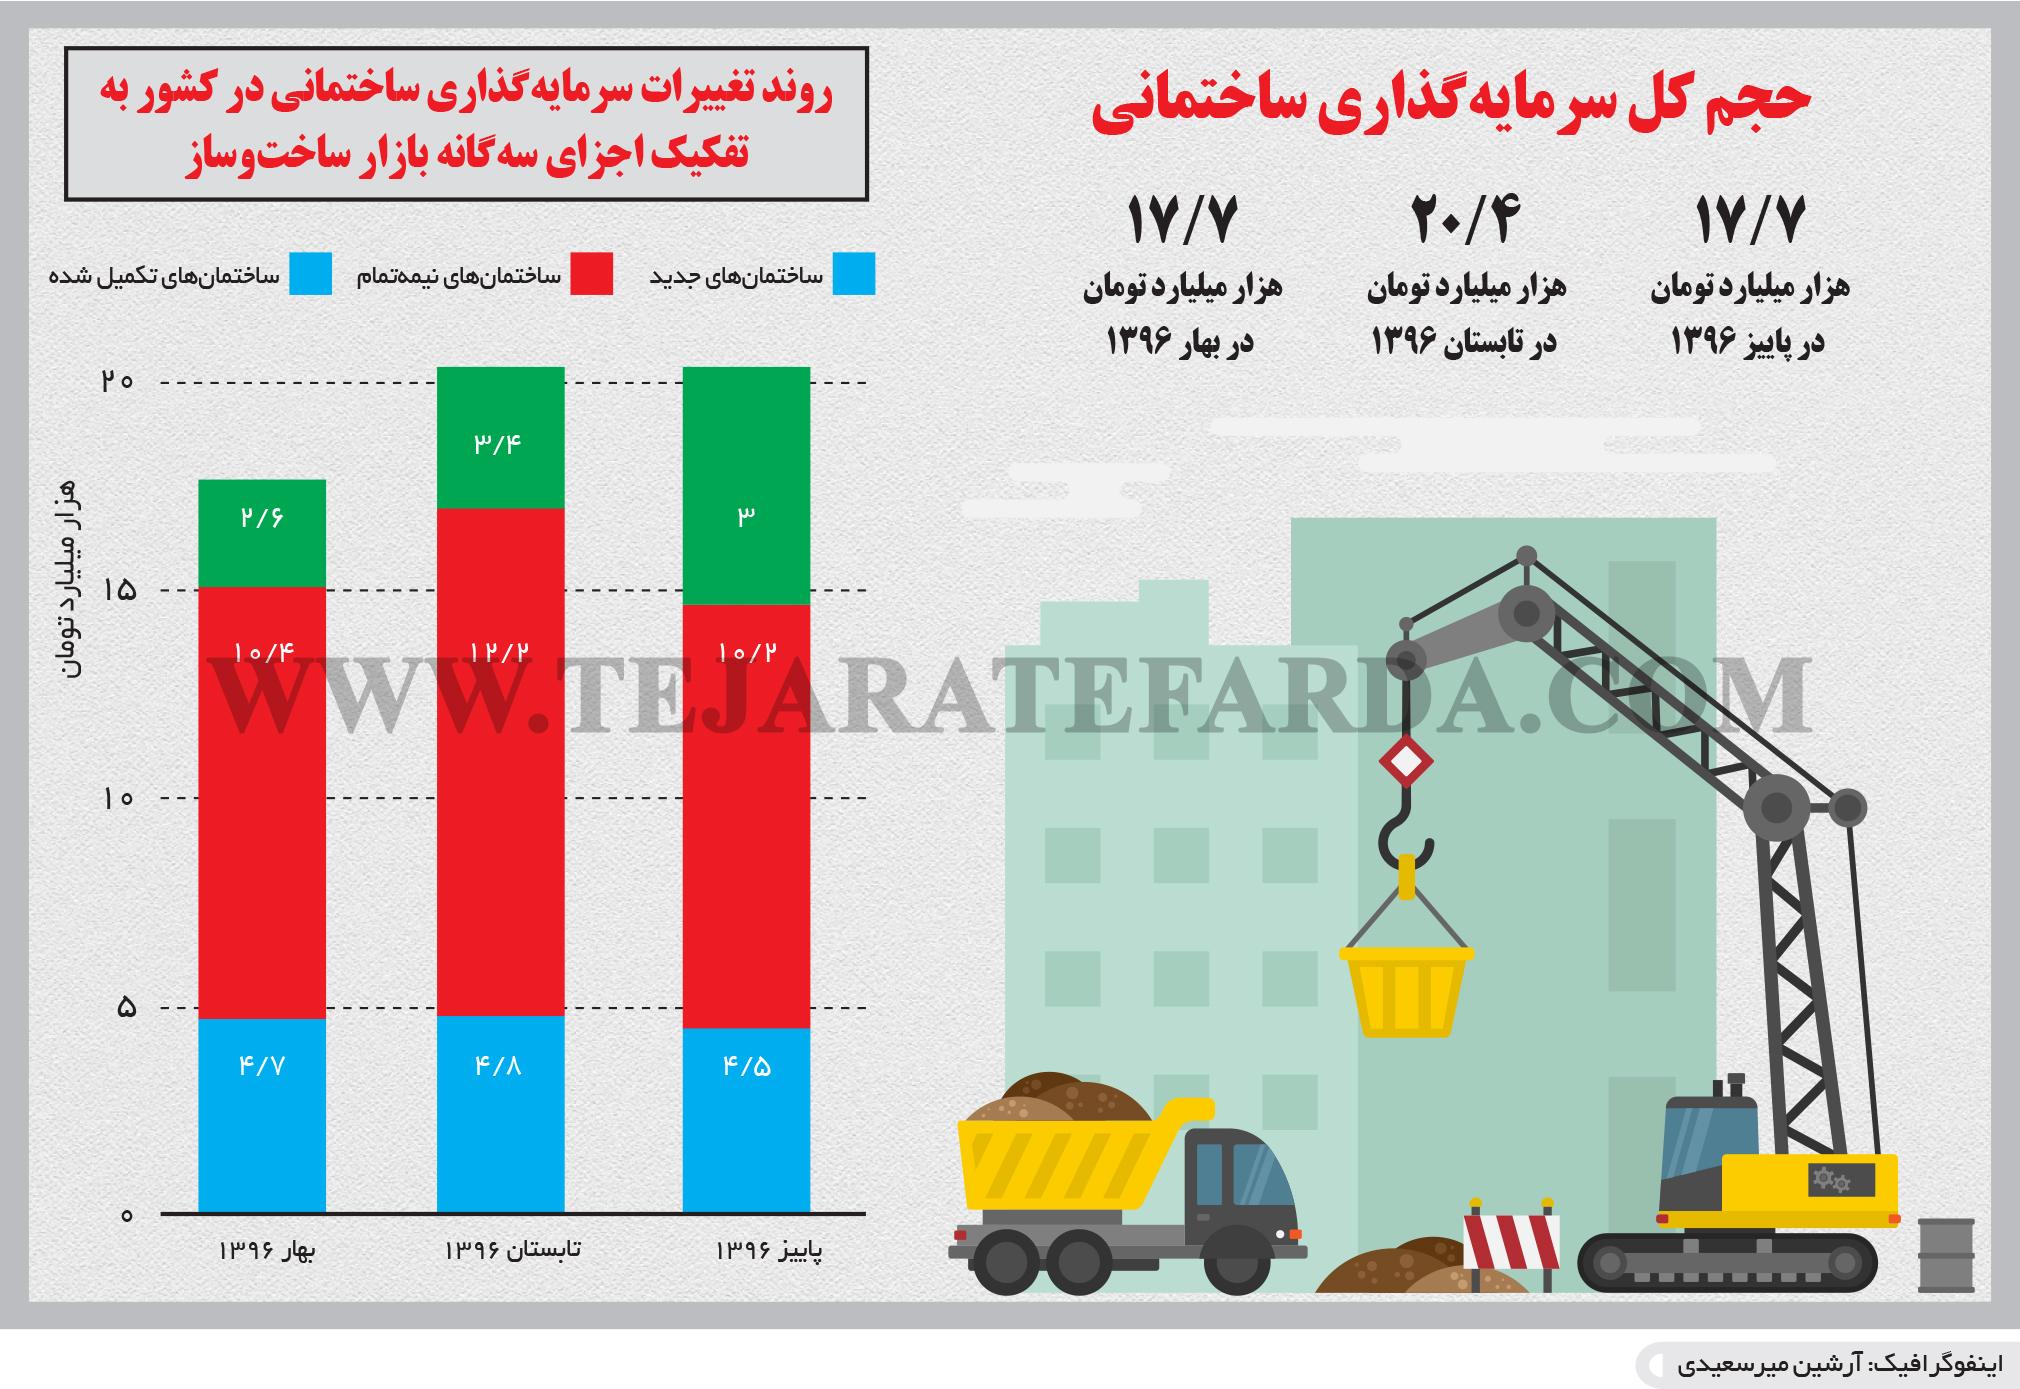 تجارت- فردا- حجم کل سرمایهگذاری ساختمانی(اینفوگرافیک)